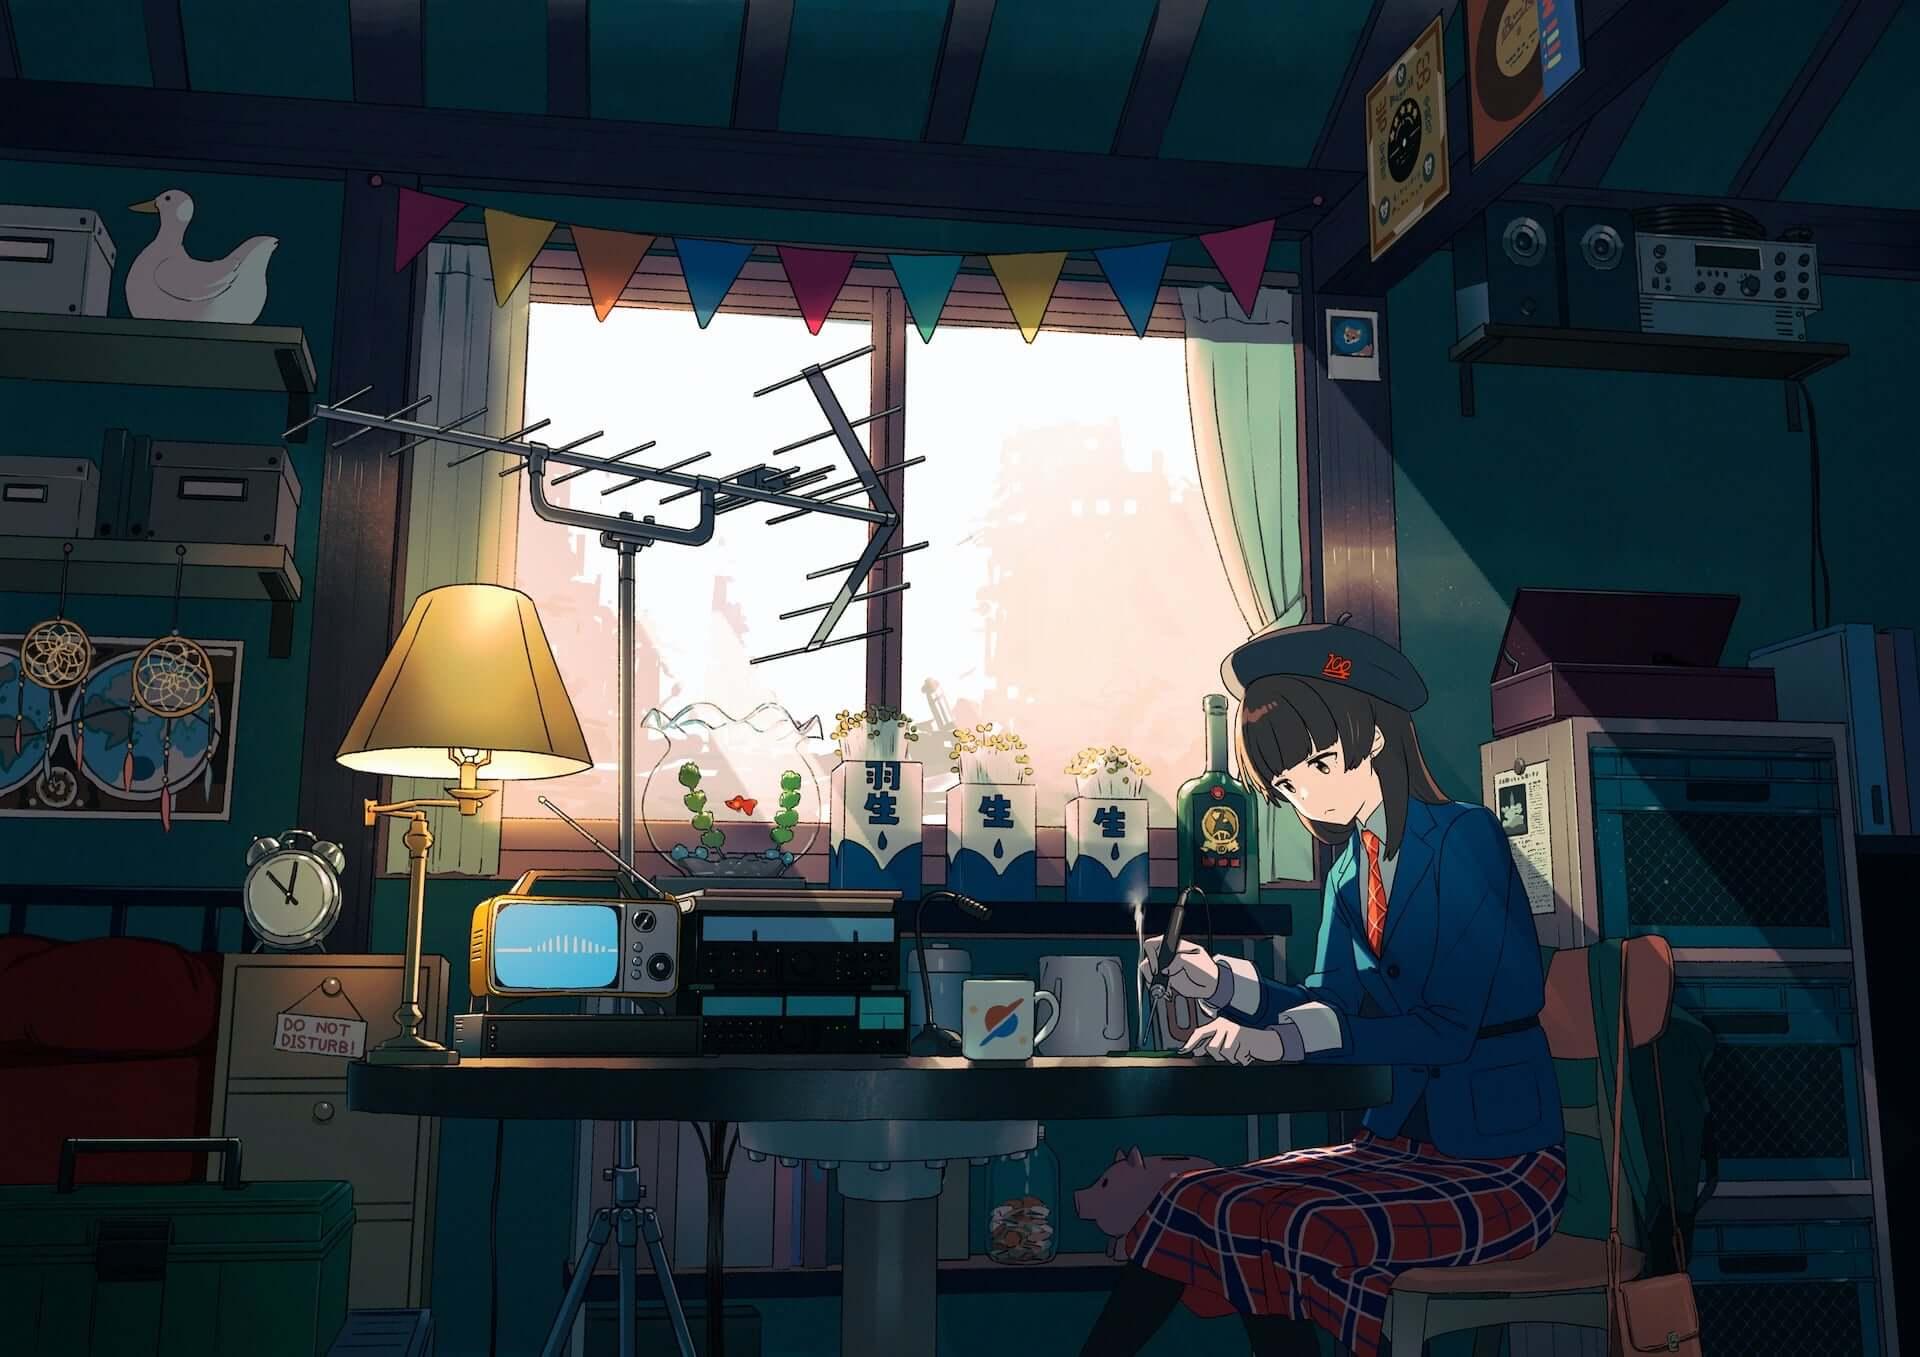 アニメーションとチルアウトミュージックを24時間365日配信!「Tokyo LosT Tracks -サクラチル-」が始動 music200324_tokyo_lost_tracks_3-1920x1357